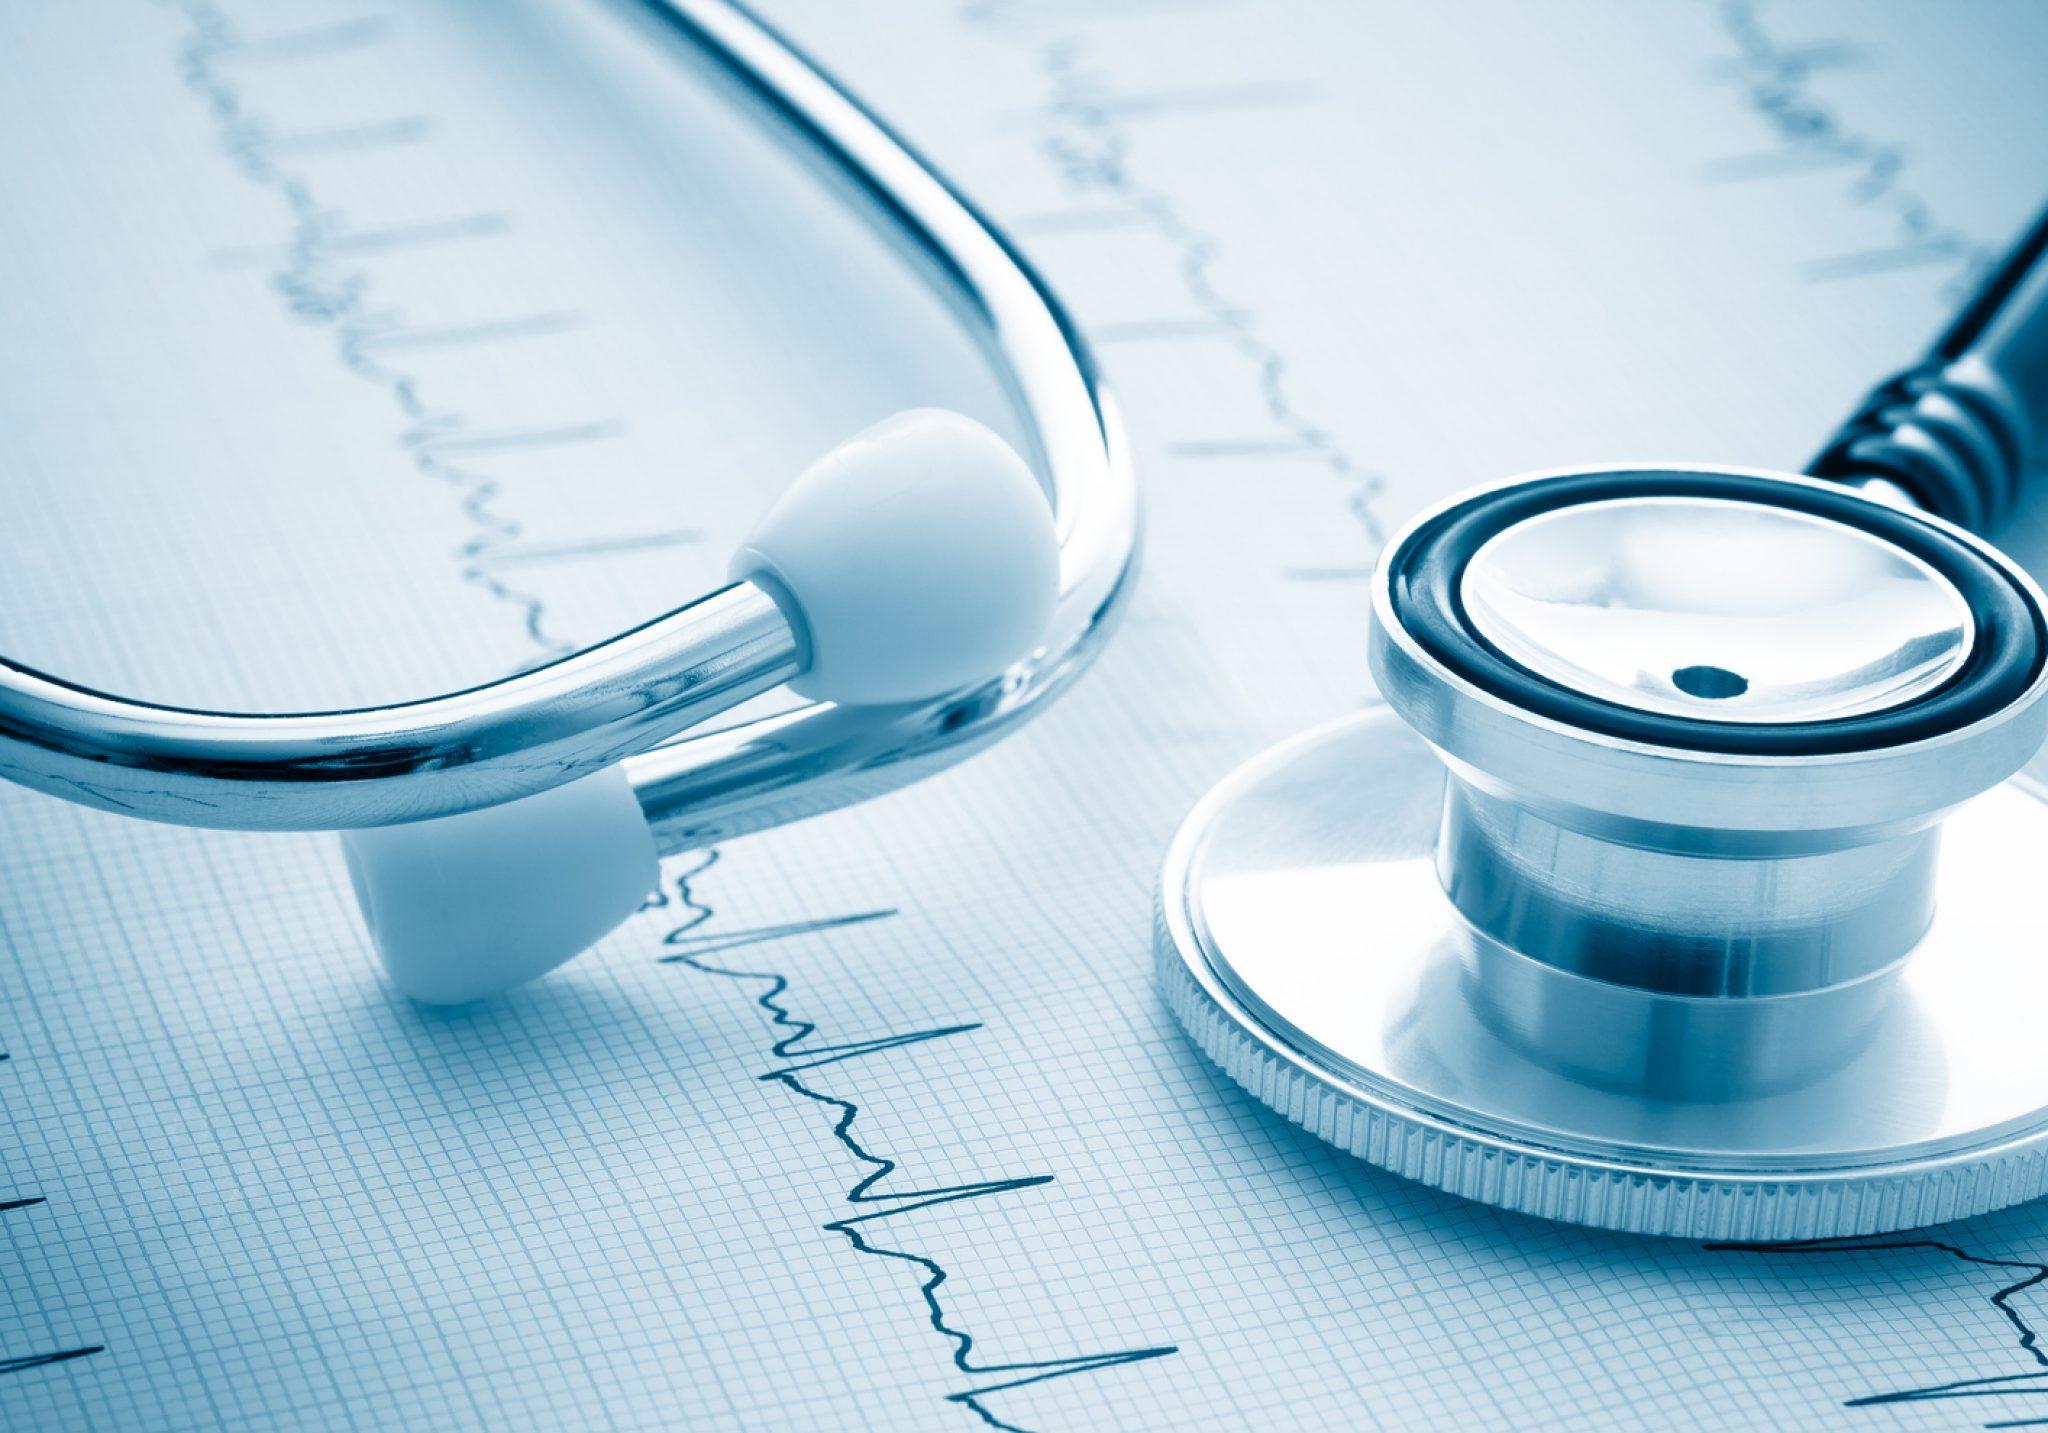 luce болка во градите e1542598103961 - Кои патологии можат да предизвикаат чувство на печење во срцето